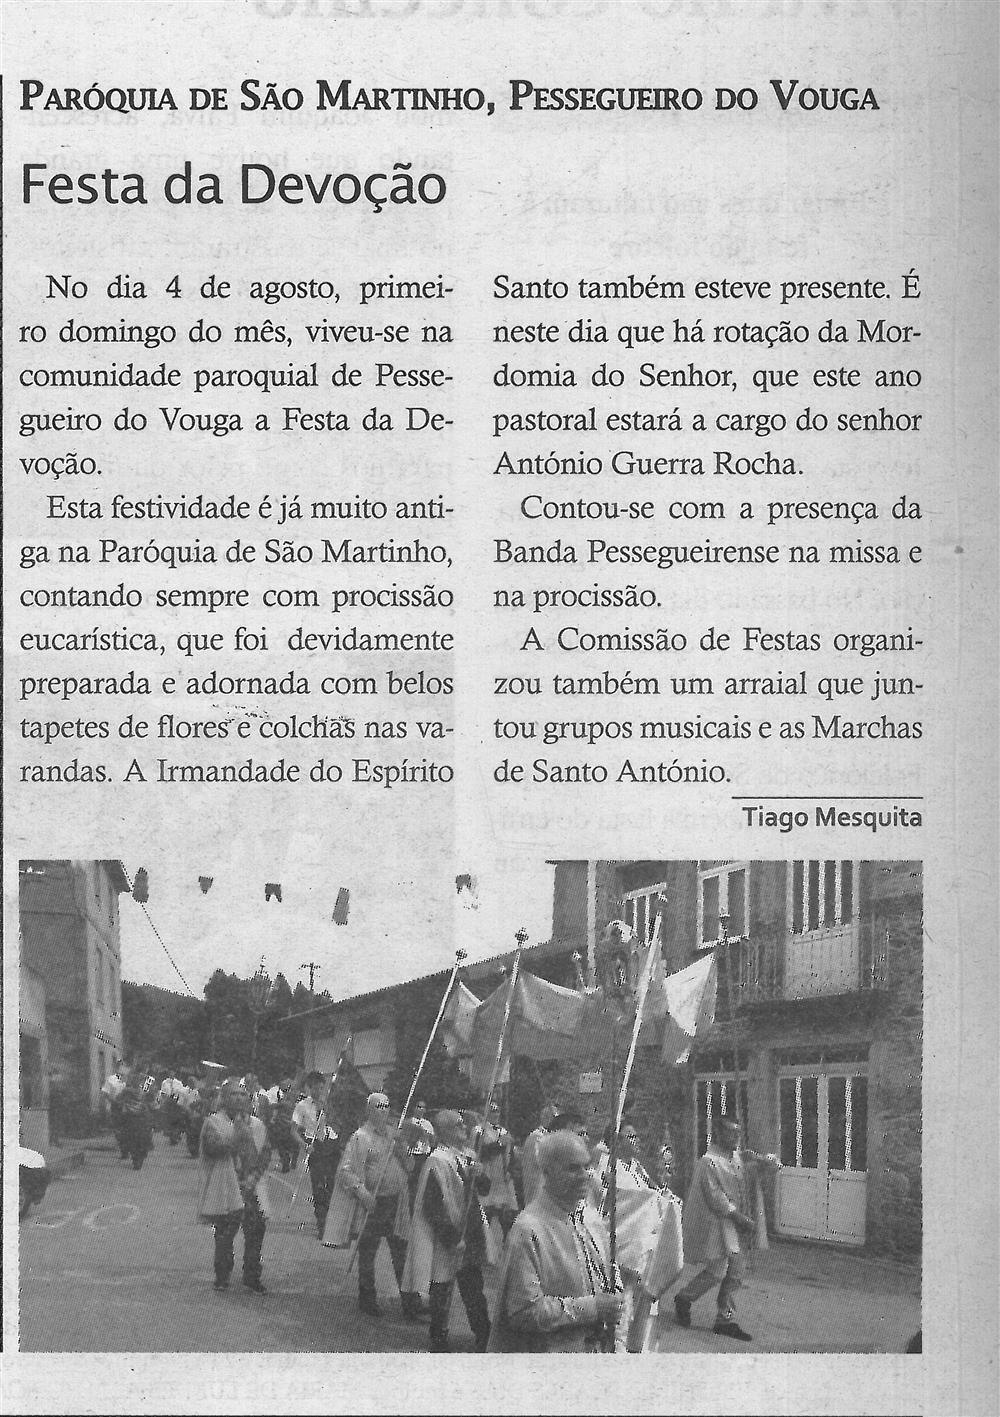 TV-set.'19-p.6-Paróquias e Freguesias : Paróquia de São Martinho, Pessegueiro do Vouga : Festa da Devoção.jpg